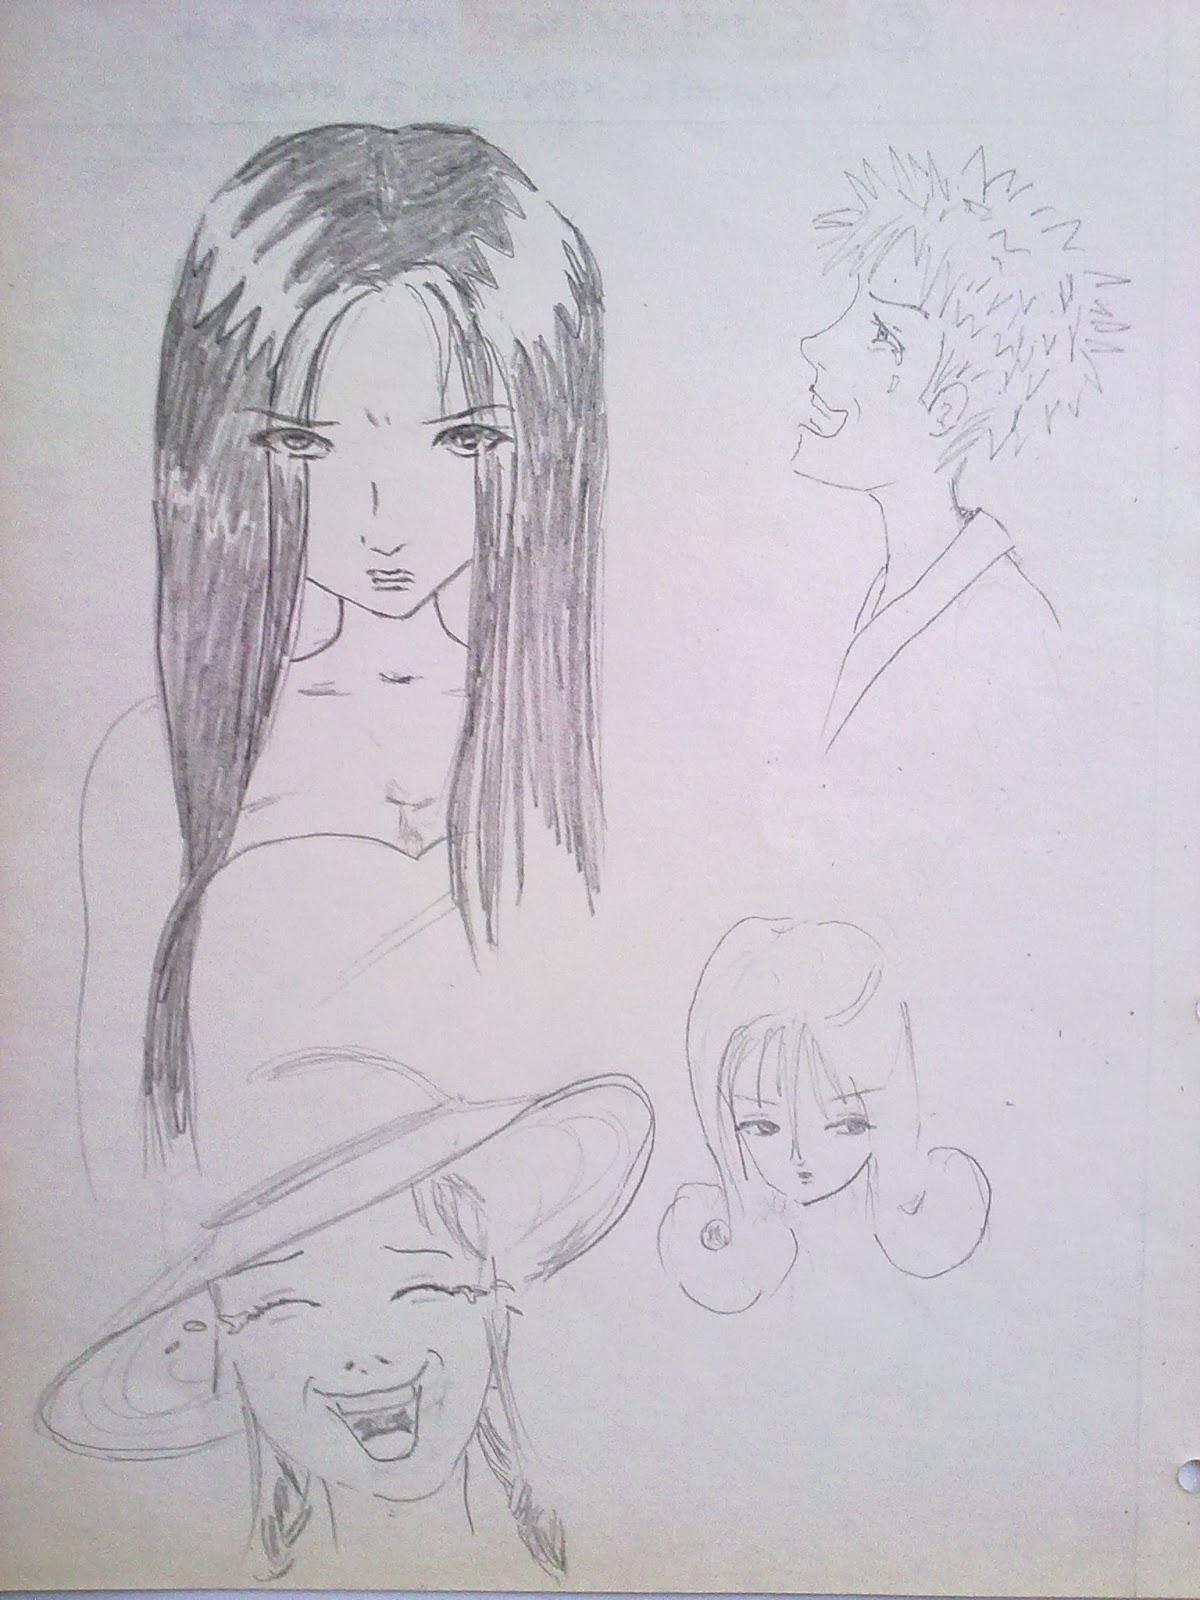 -http://4.bp.blogspot.com/-e3emzg7SsGg/TzPD66x3R6I/AAAAAAAAAKc/2bLxScOY524/s1600/2.resim.jpg